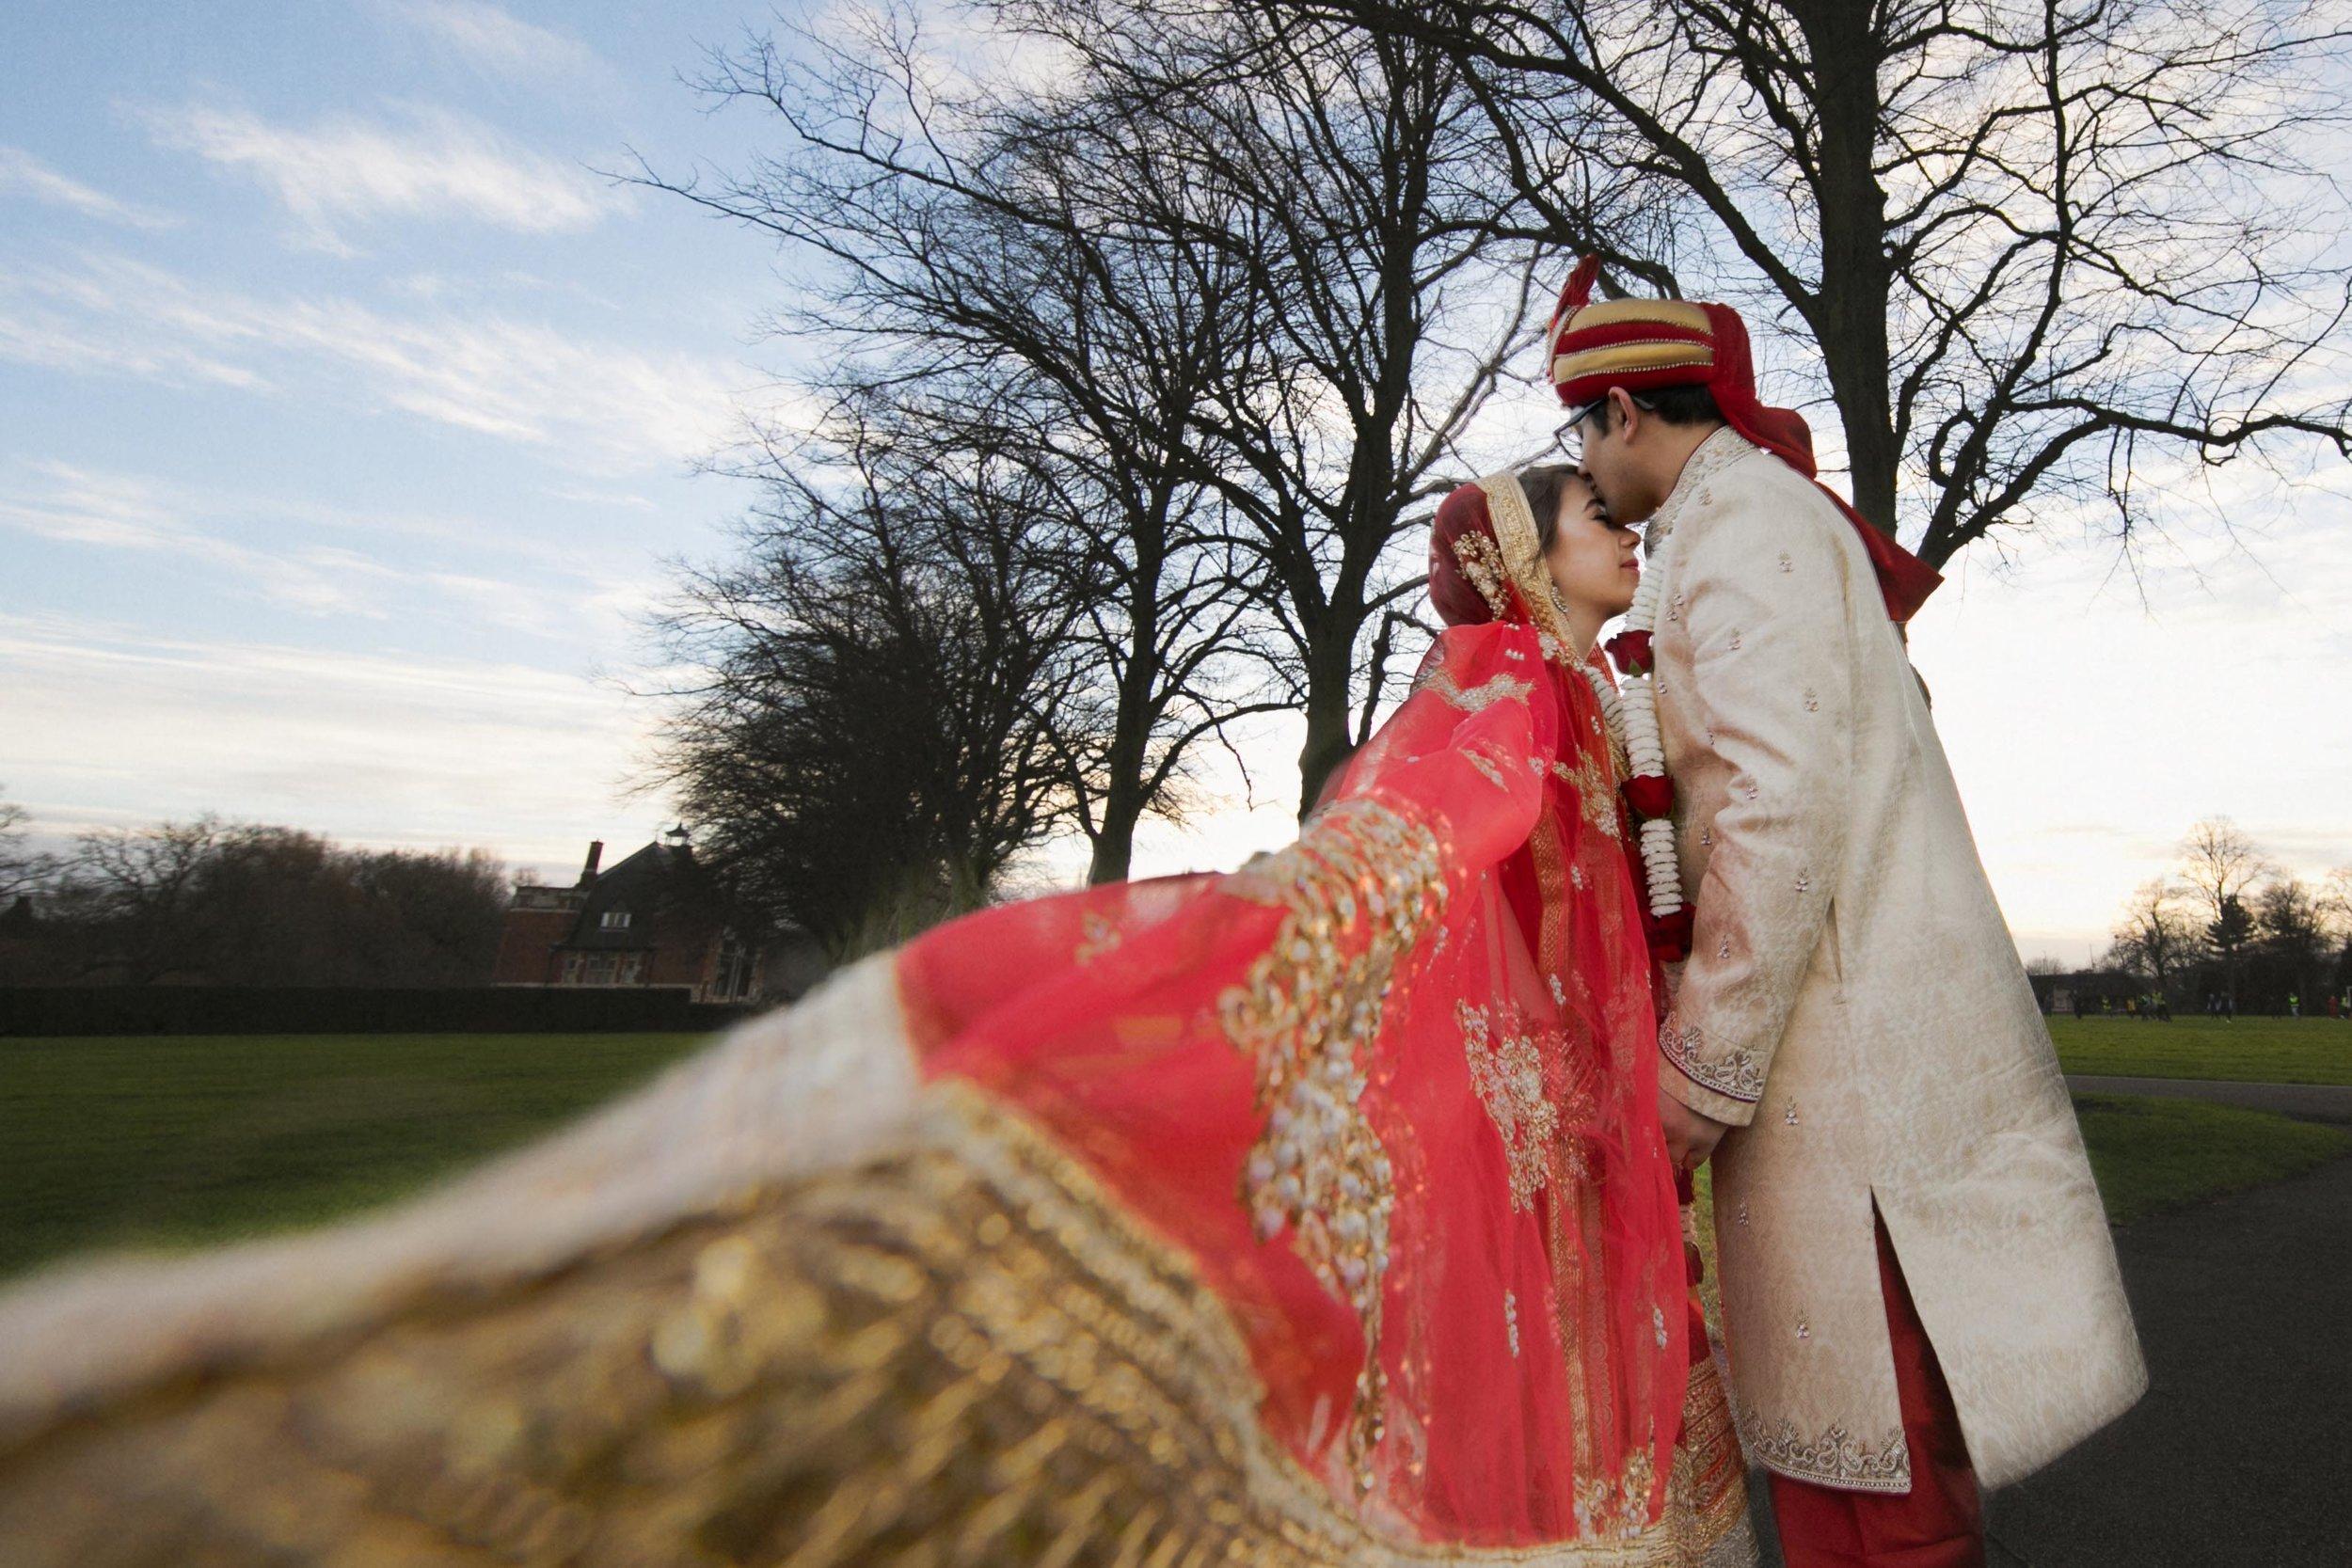 asian-Hindu-wedding-photographer-birmingham-abbey-park-leicester-natalia-smith-photography-5.jpg